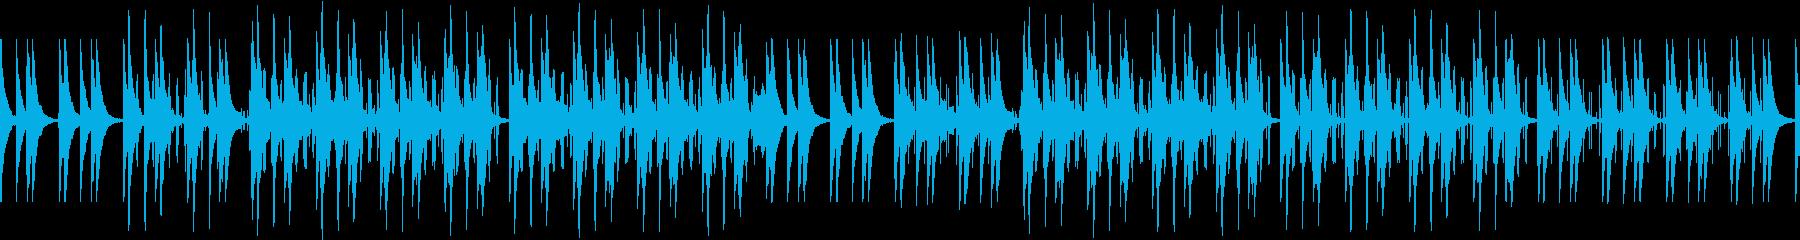 エンディング・感動的・映画風・ピアノの再生済みの波形